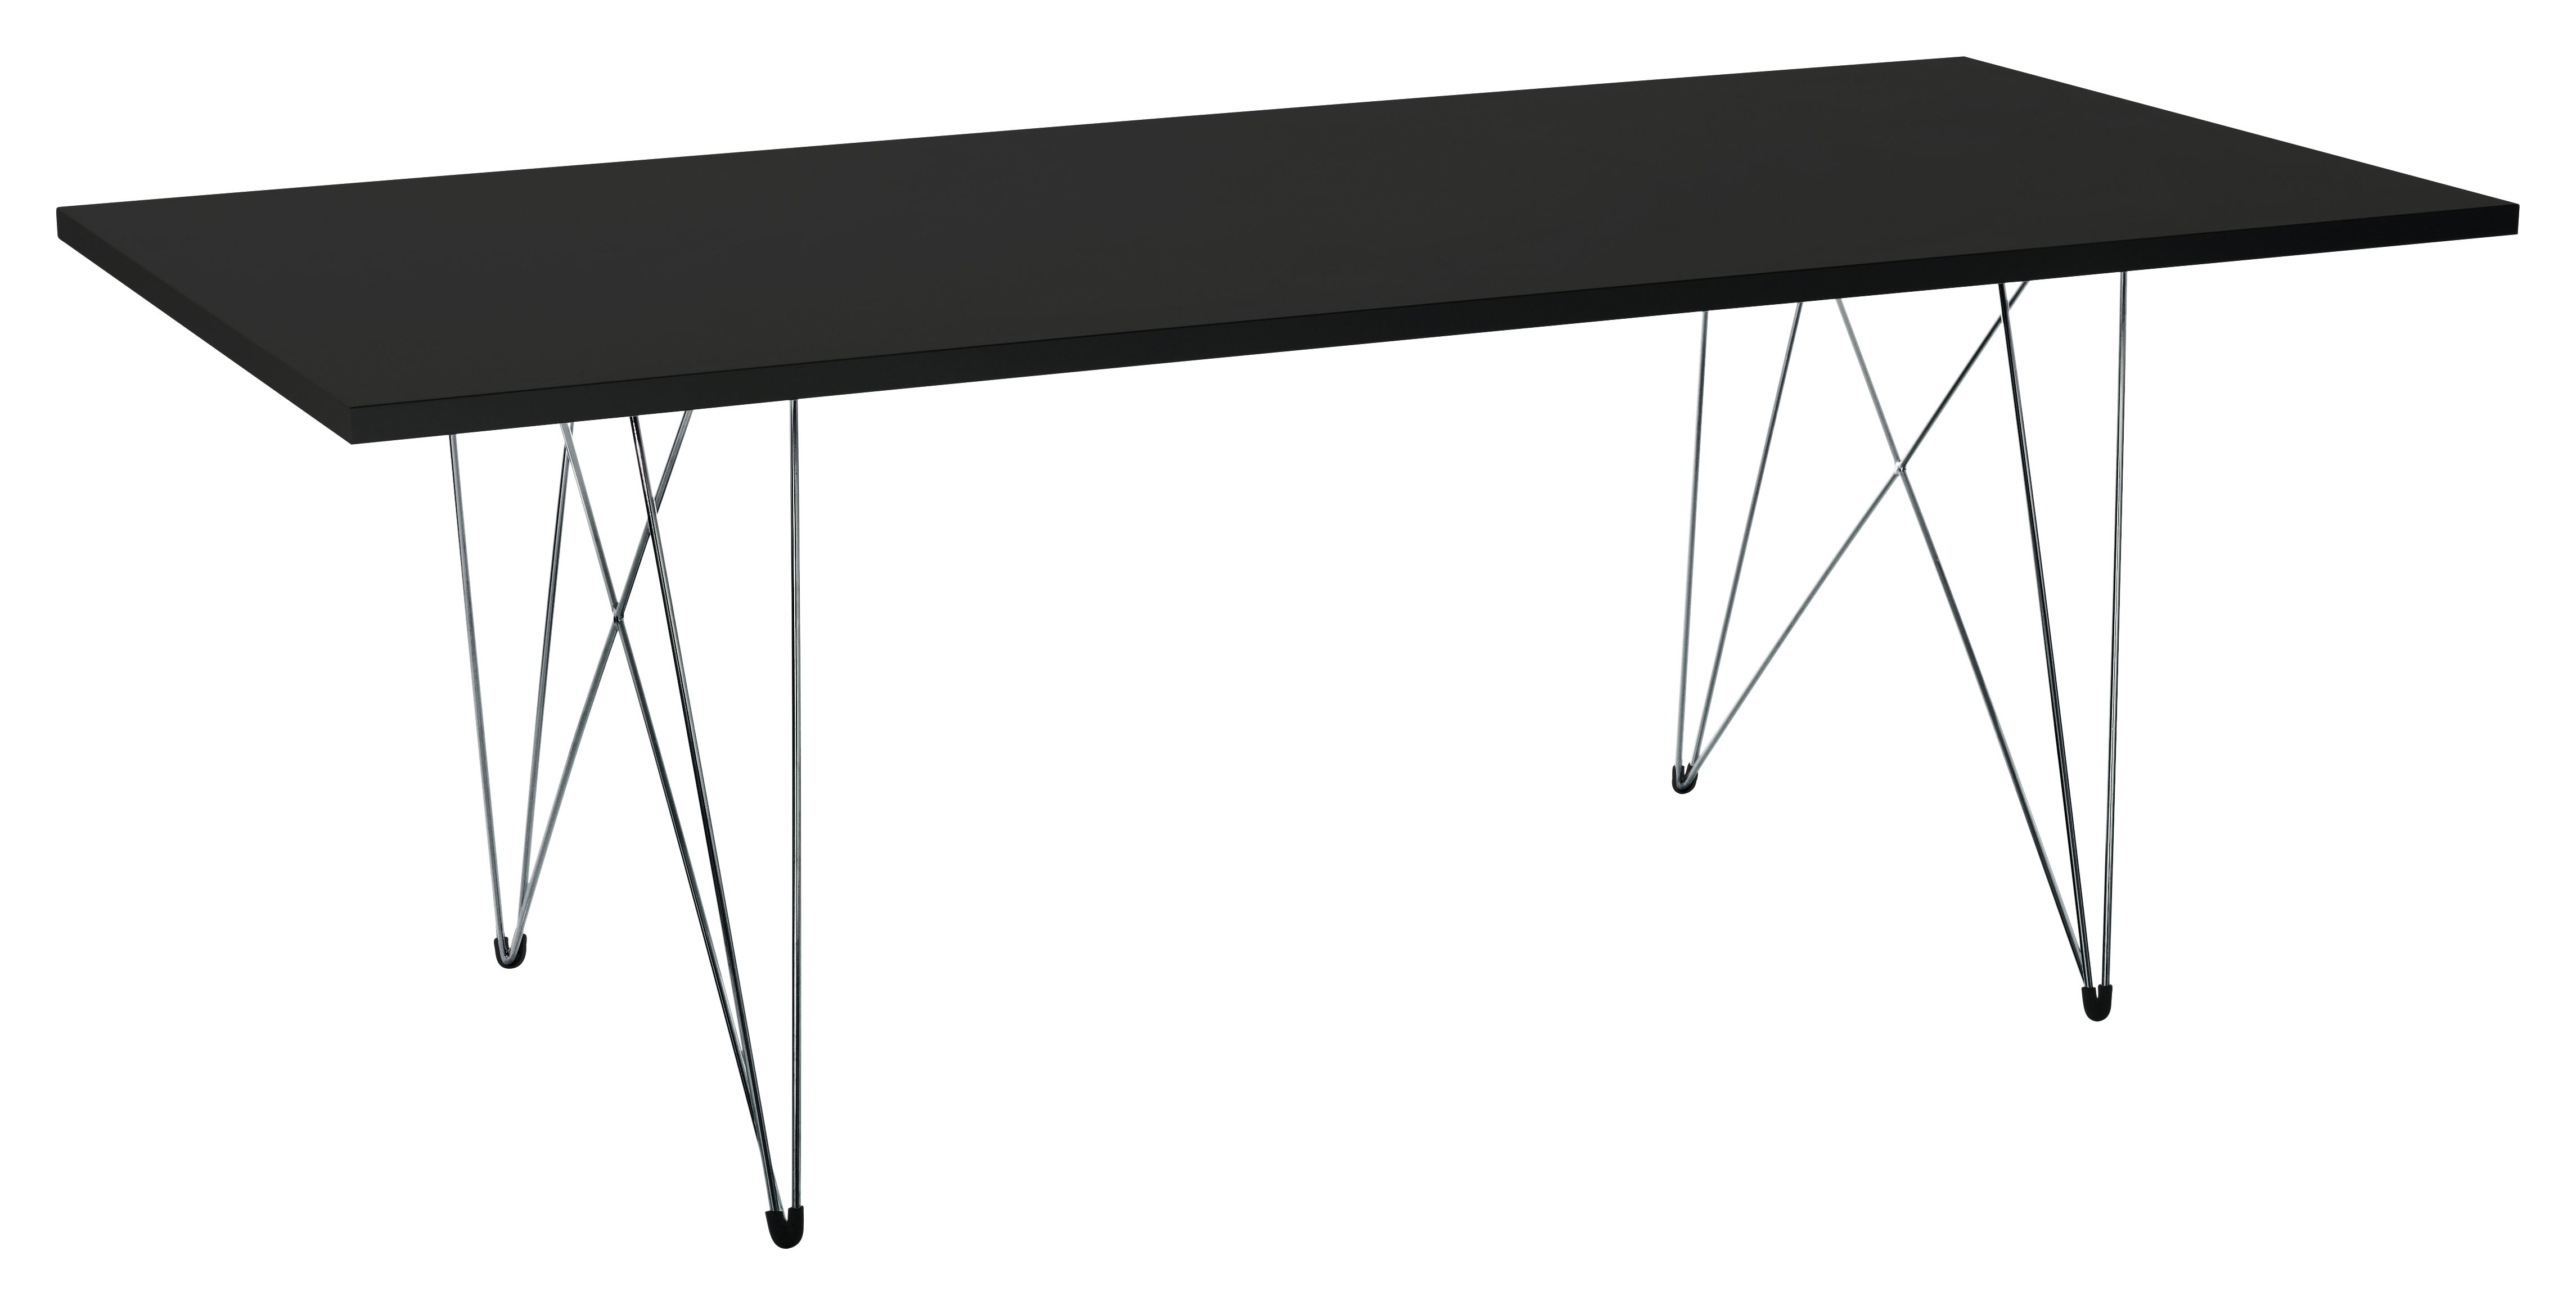 Dossiers - Design industriale - Tavolo rettangolare XZ3 - rettangolare - 200 x 90 cm di Magis - Nero - Ø 200 x 90 cm - Acciaio, MDF finitura polimero